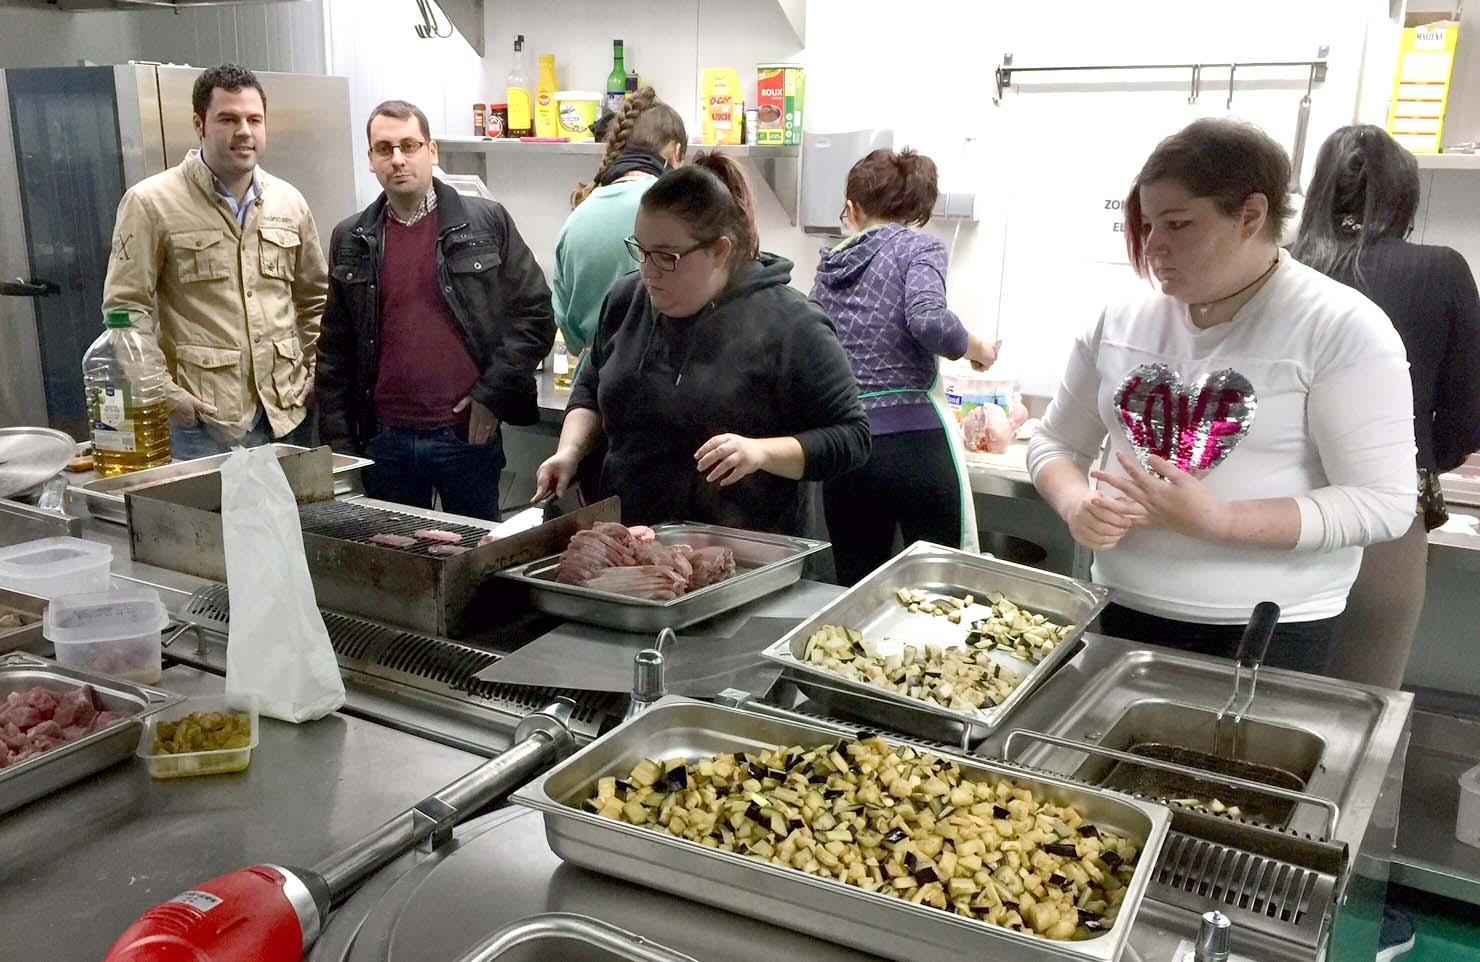 15 j venes participan en un curso de ayudante de cocina puente genil noticias - Curso de ayudante de cocina ...